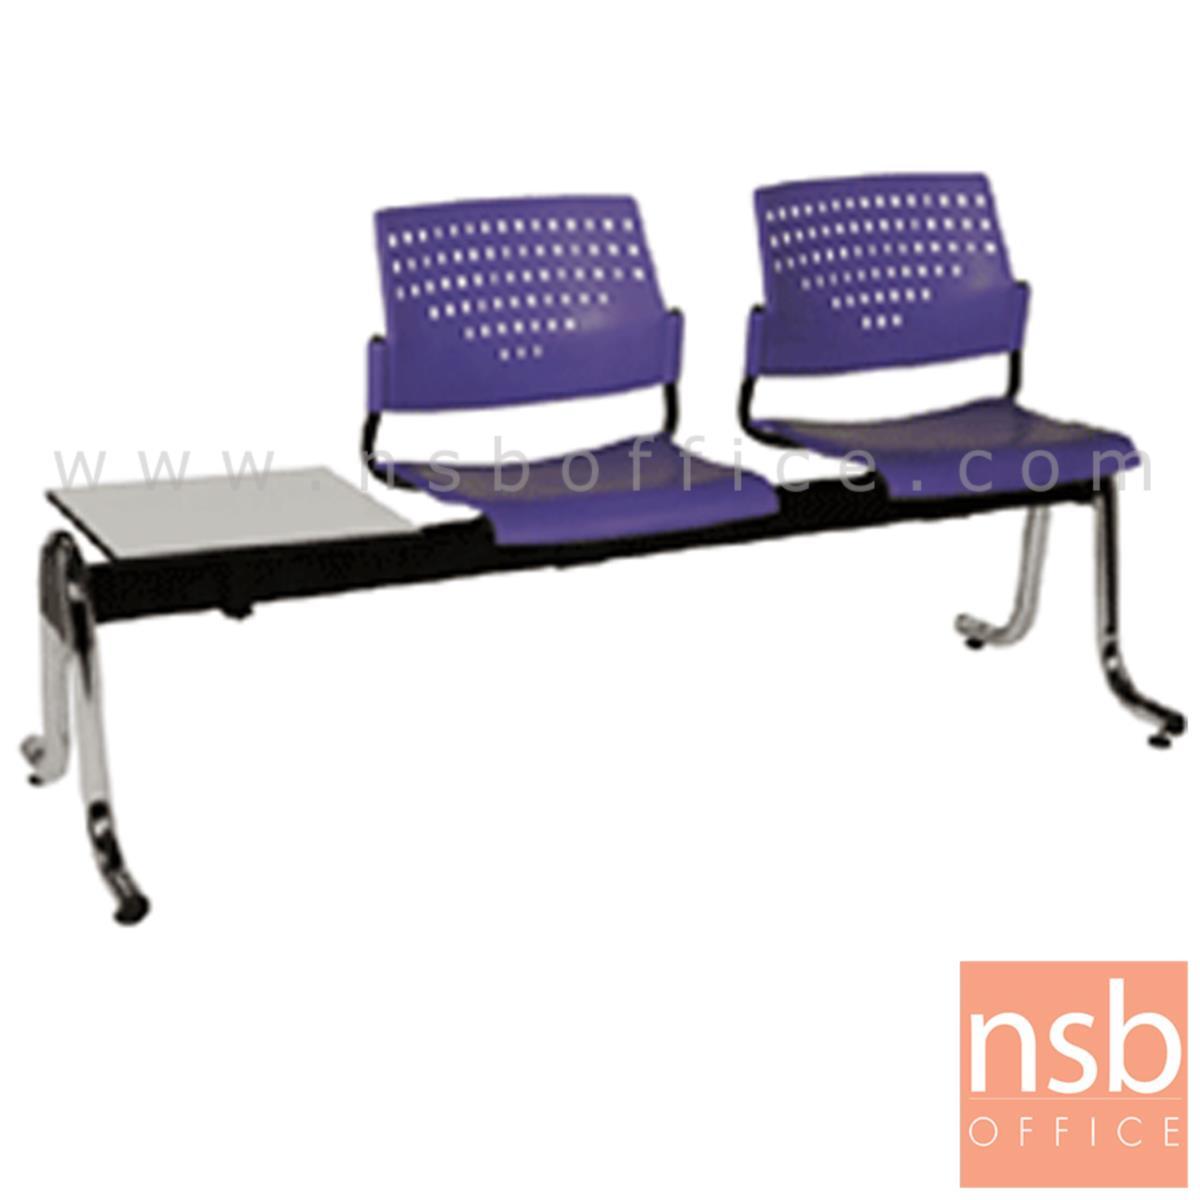 B06A052:เก้าอี้นั่งคอยเฟรมโพลี่ รุ่น B426 2 ,3 ที่นั่ง ขนาด 162W ,213W cm. พร้อมที่วางของ ขาเหล็ก